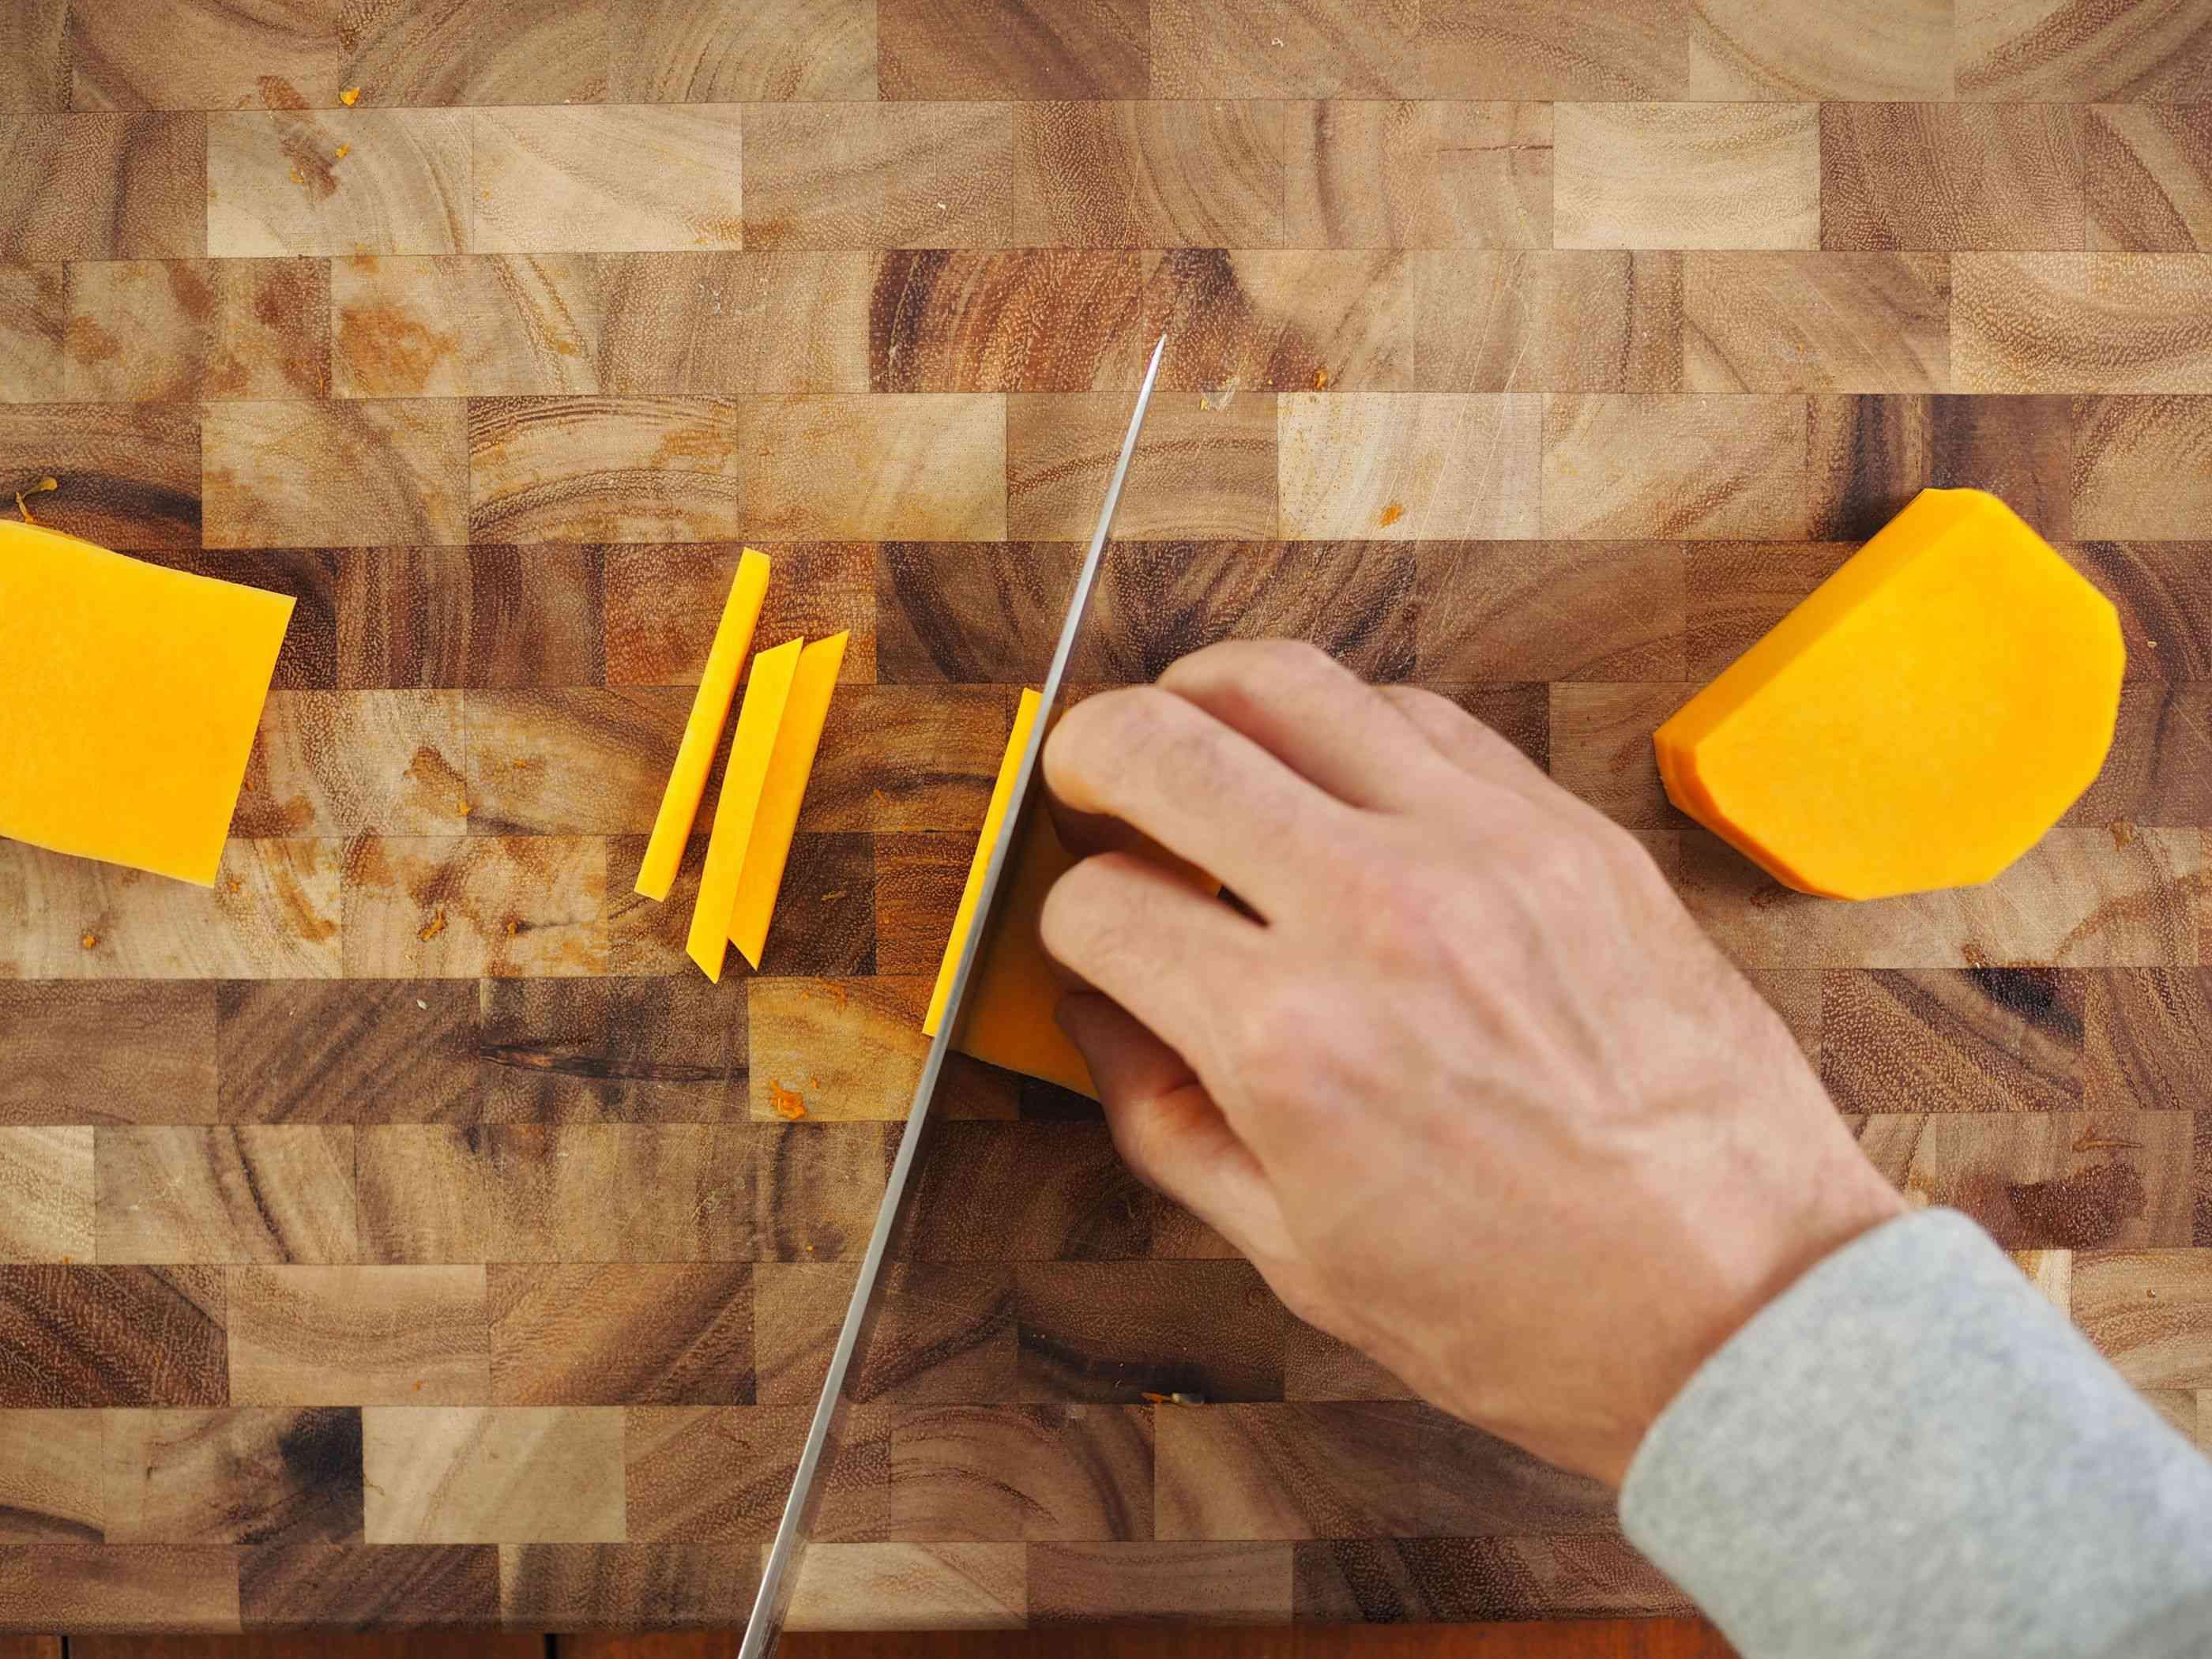 20141008-knife-skills-butternut-squash-daniel-gritzer32.jpg